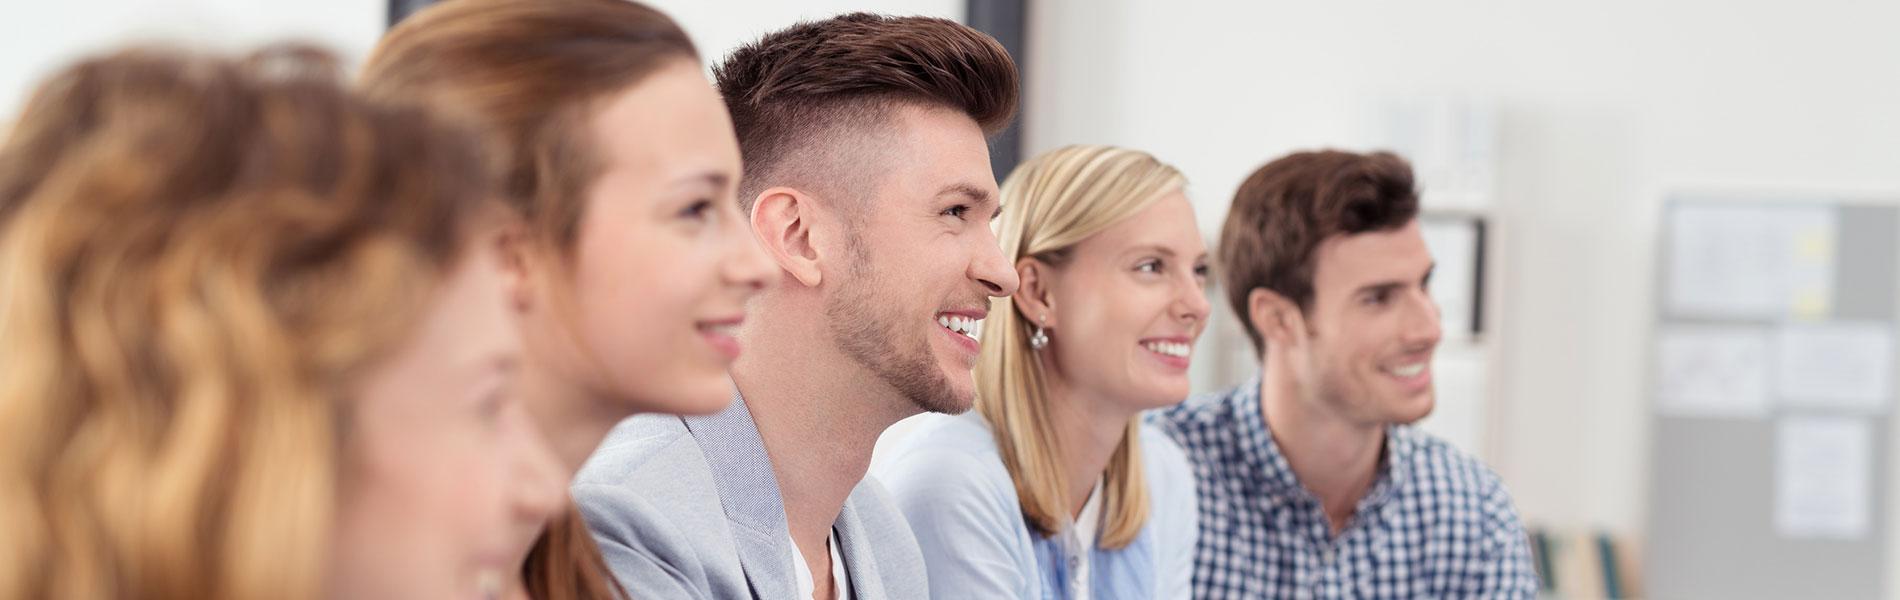 FUTURE Bereich Training - Unterpunkt Inhouse-Seminare